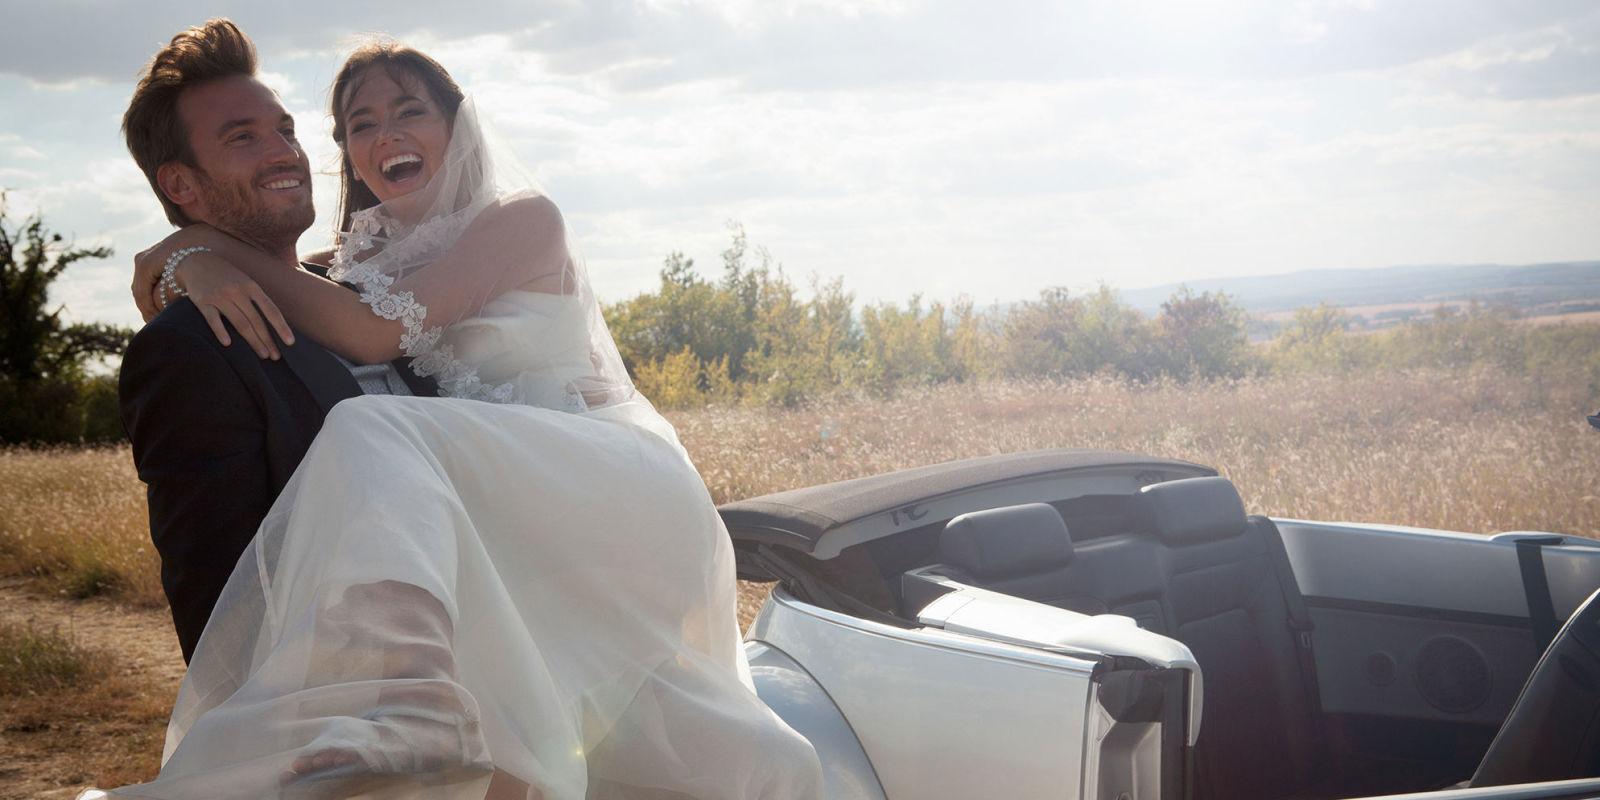 Popolare Matrimonio, 10 auguri divertenti con frasi allegre e simpatiche FJ64